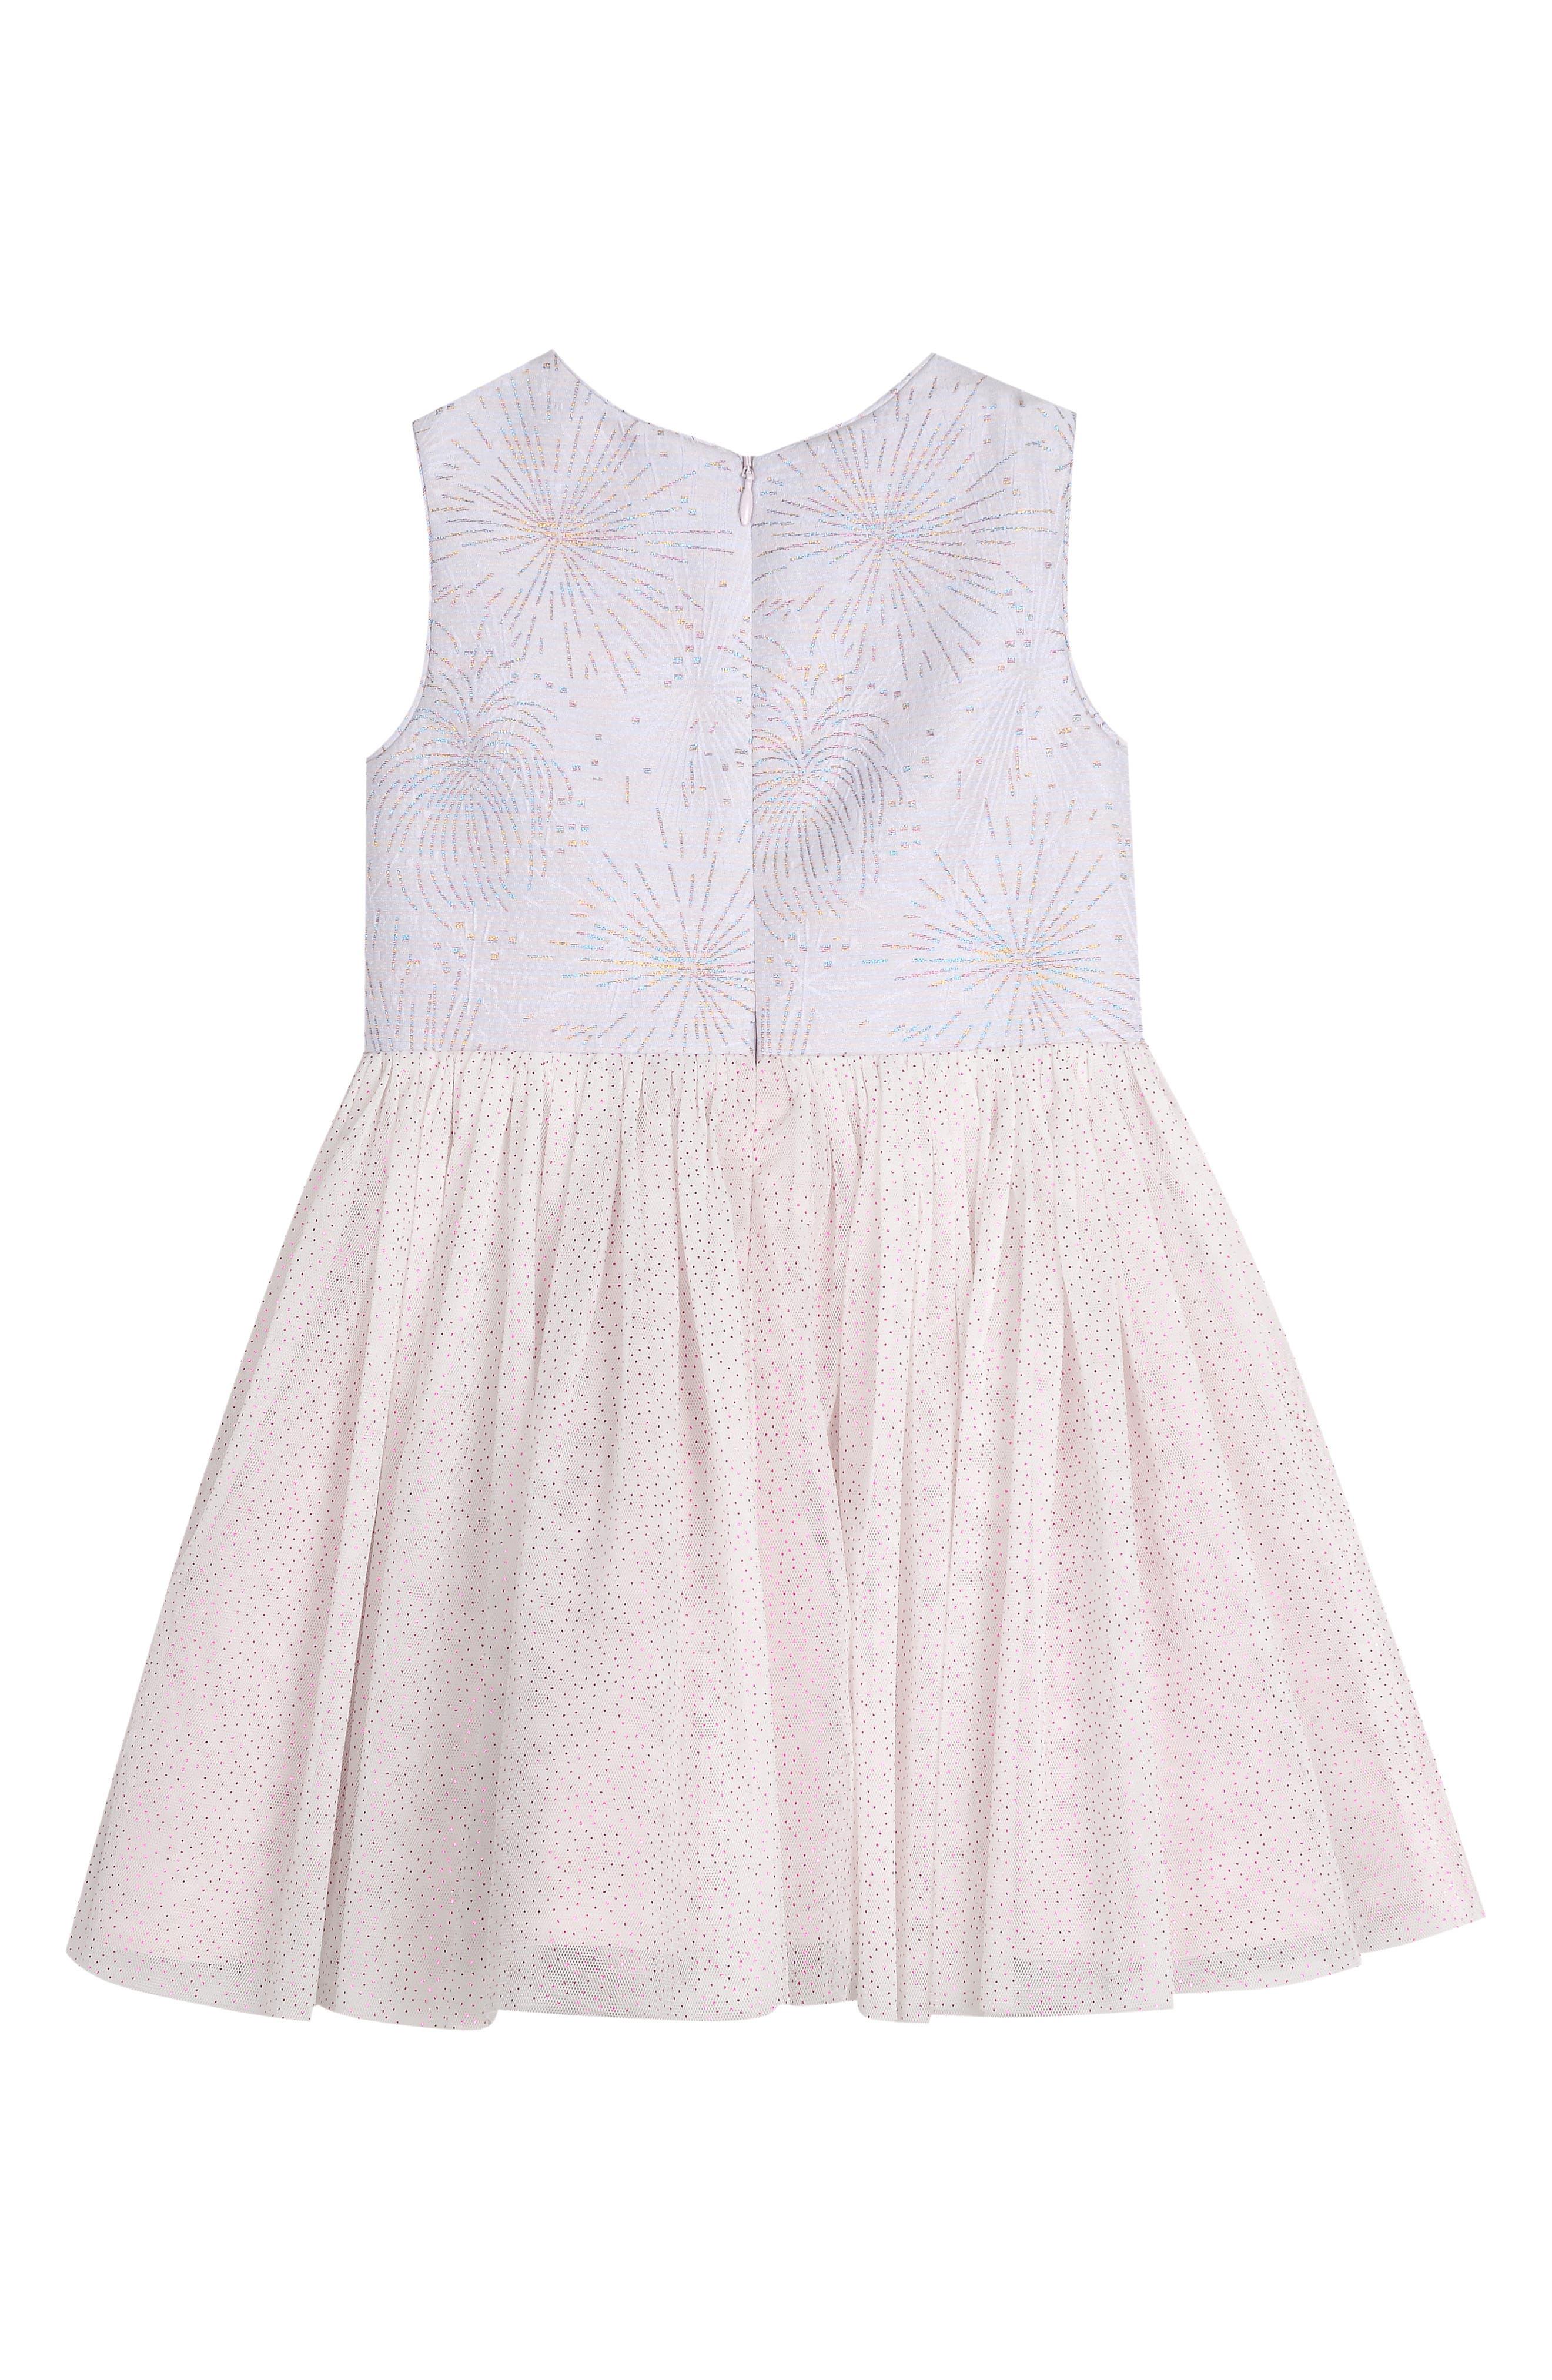 PIPPA & JULIE,                             Glitter Fireworks Tulle Dress,                             Alternate thumbnail 2, color,                             WHITE